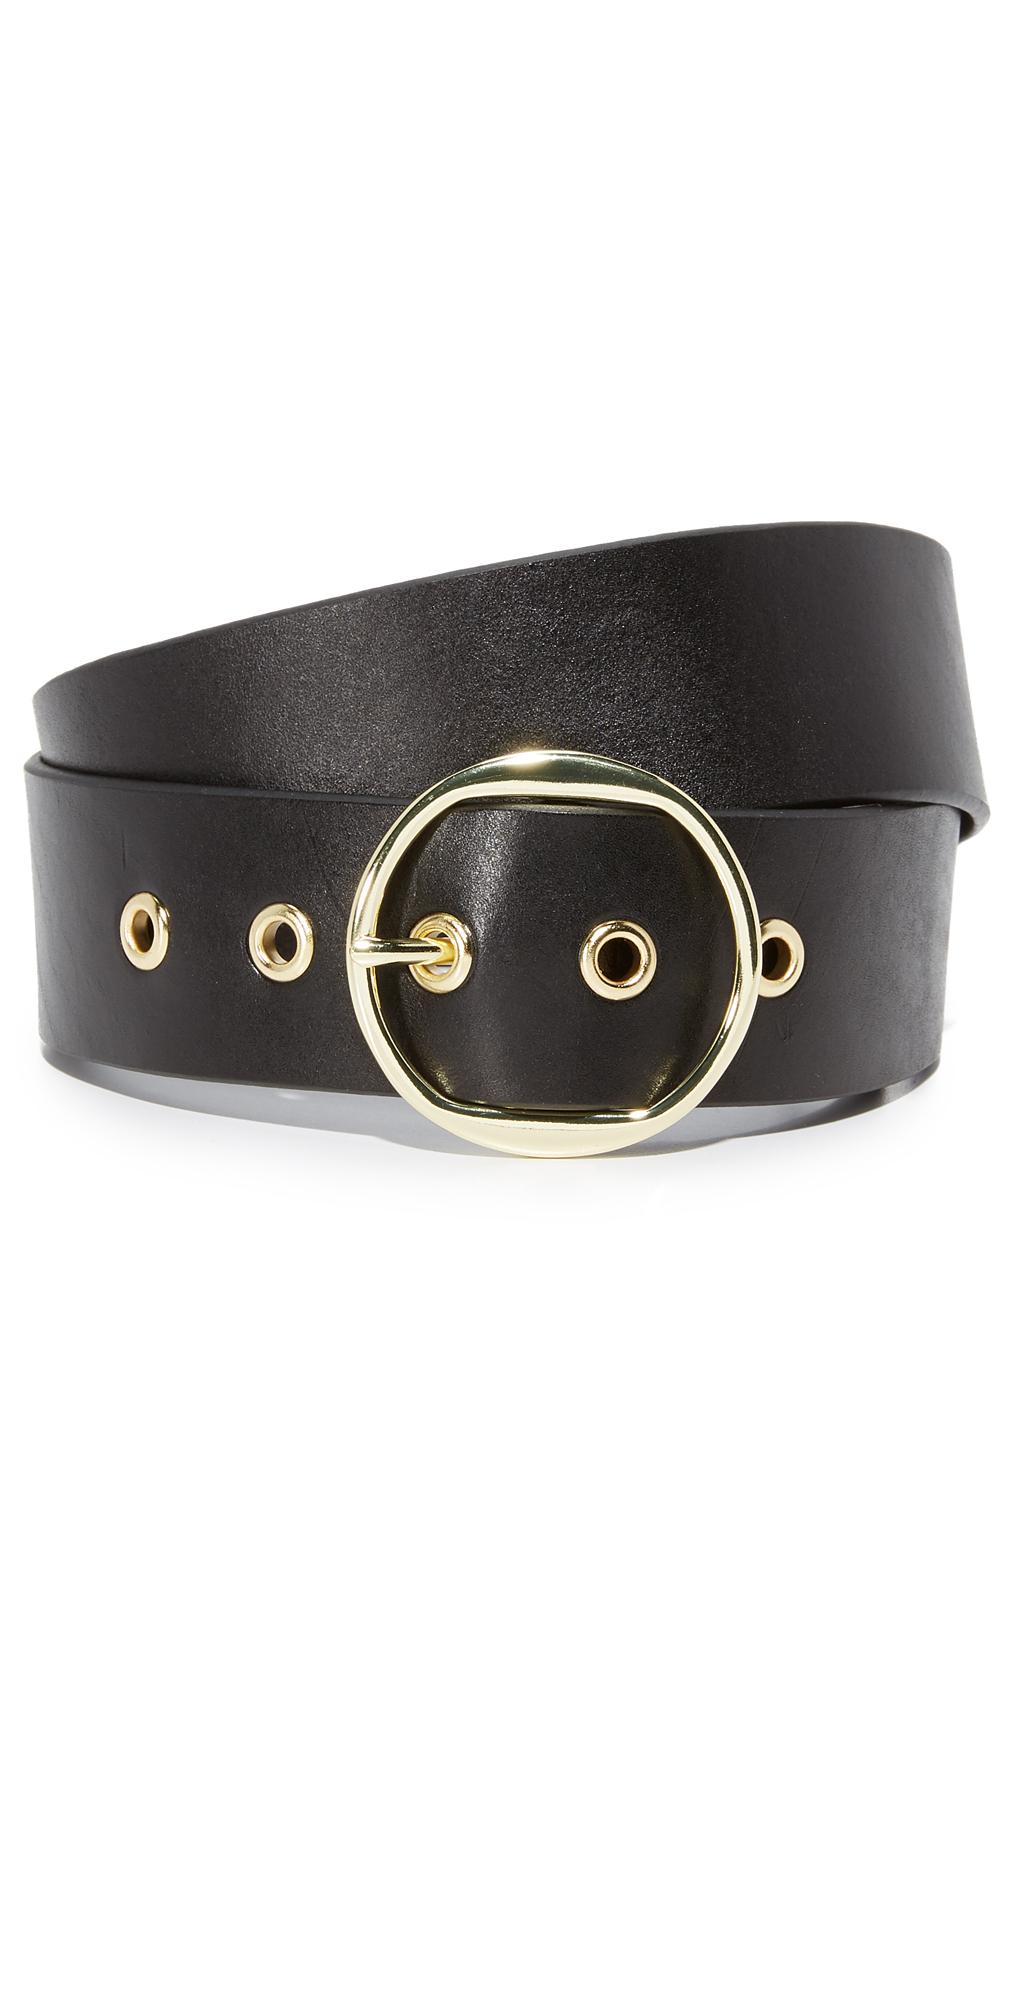 Grommet Belt FRAME